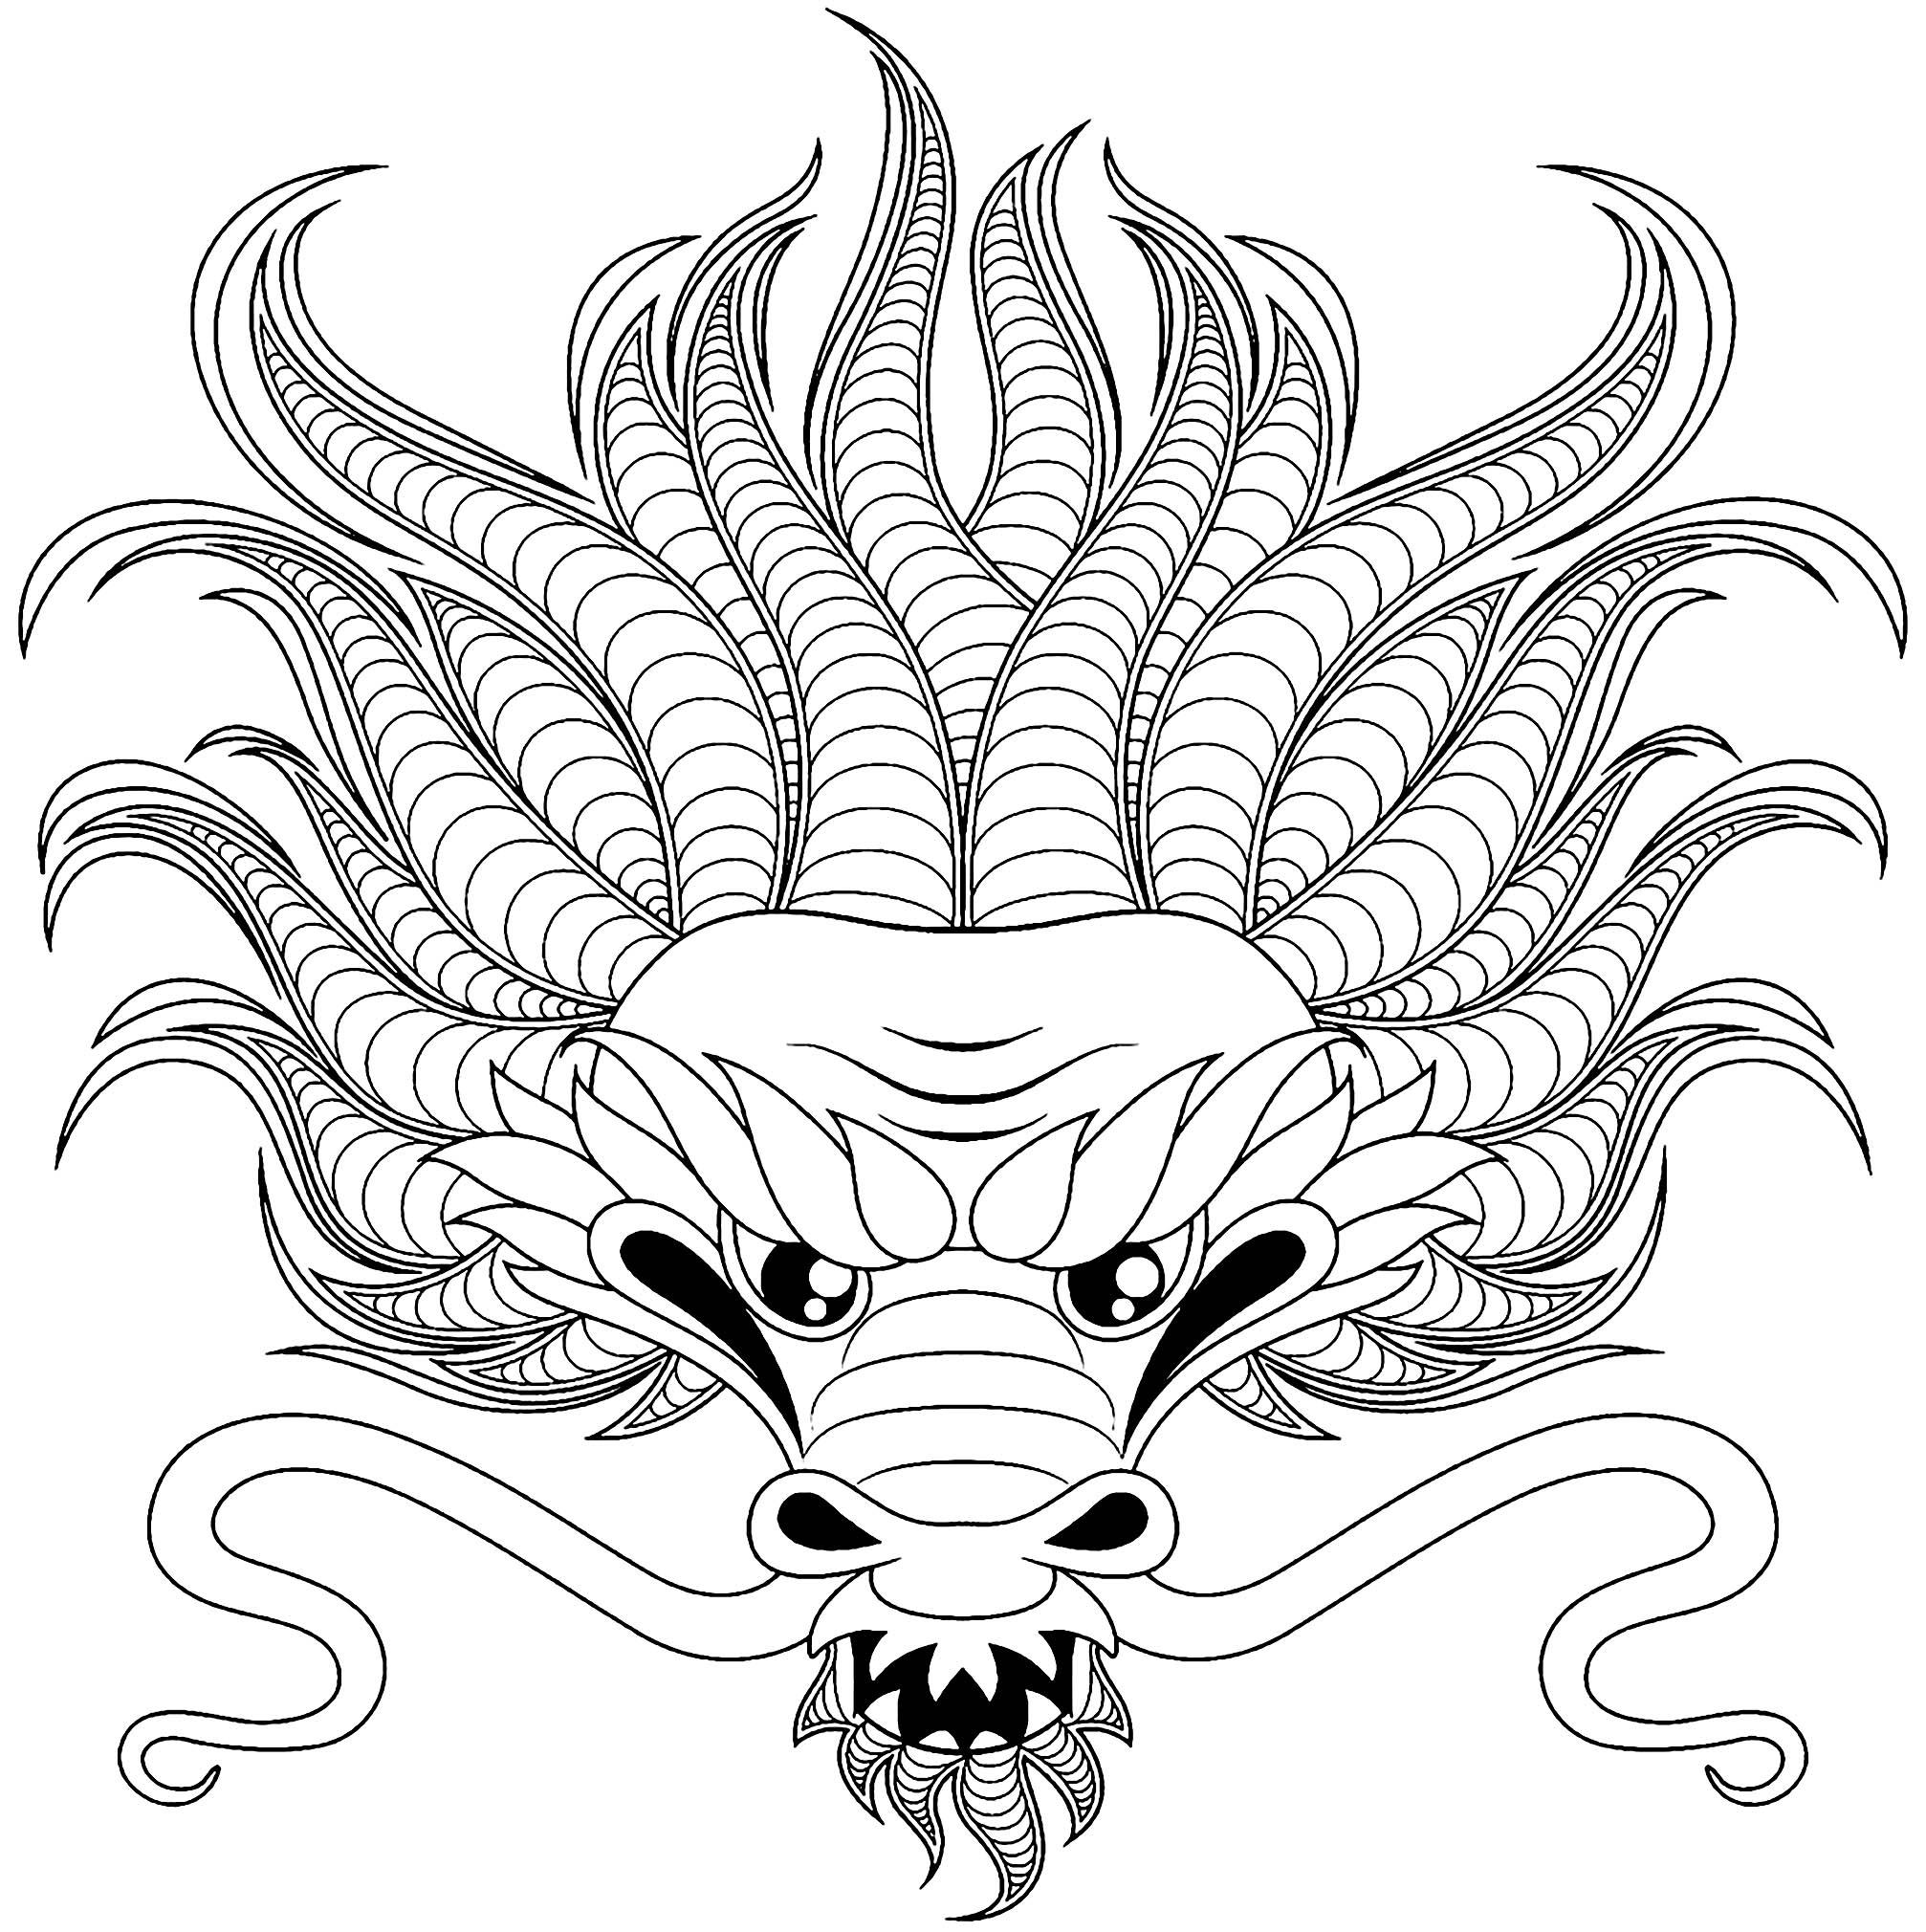 Tete de dragon style tatouage dragons coloriages difficiles pour adultes - Dragon japonais dessin ...